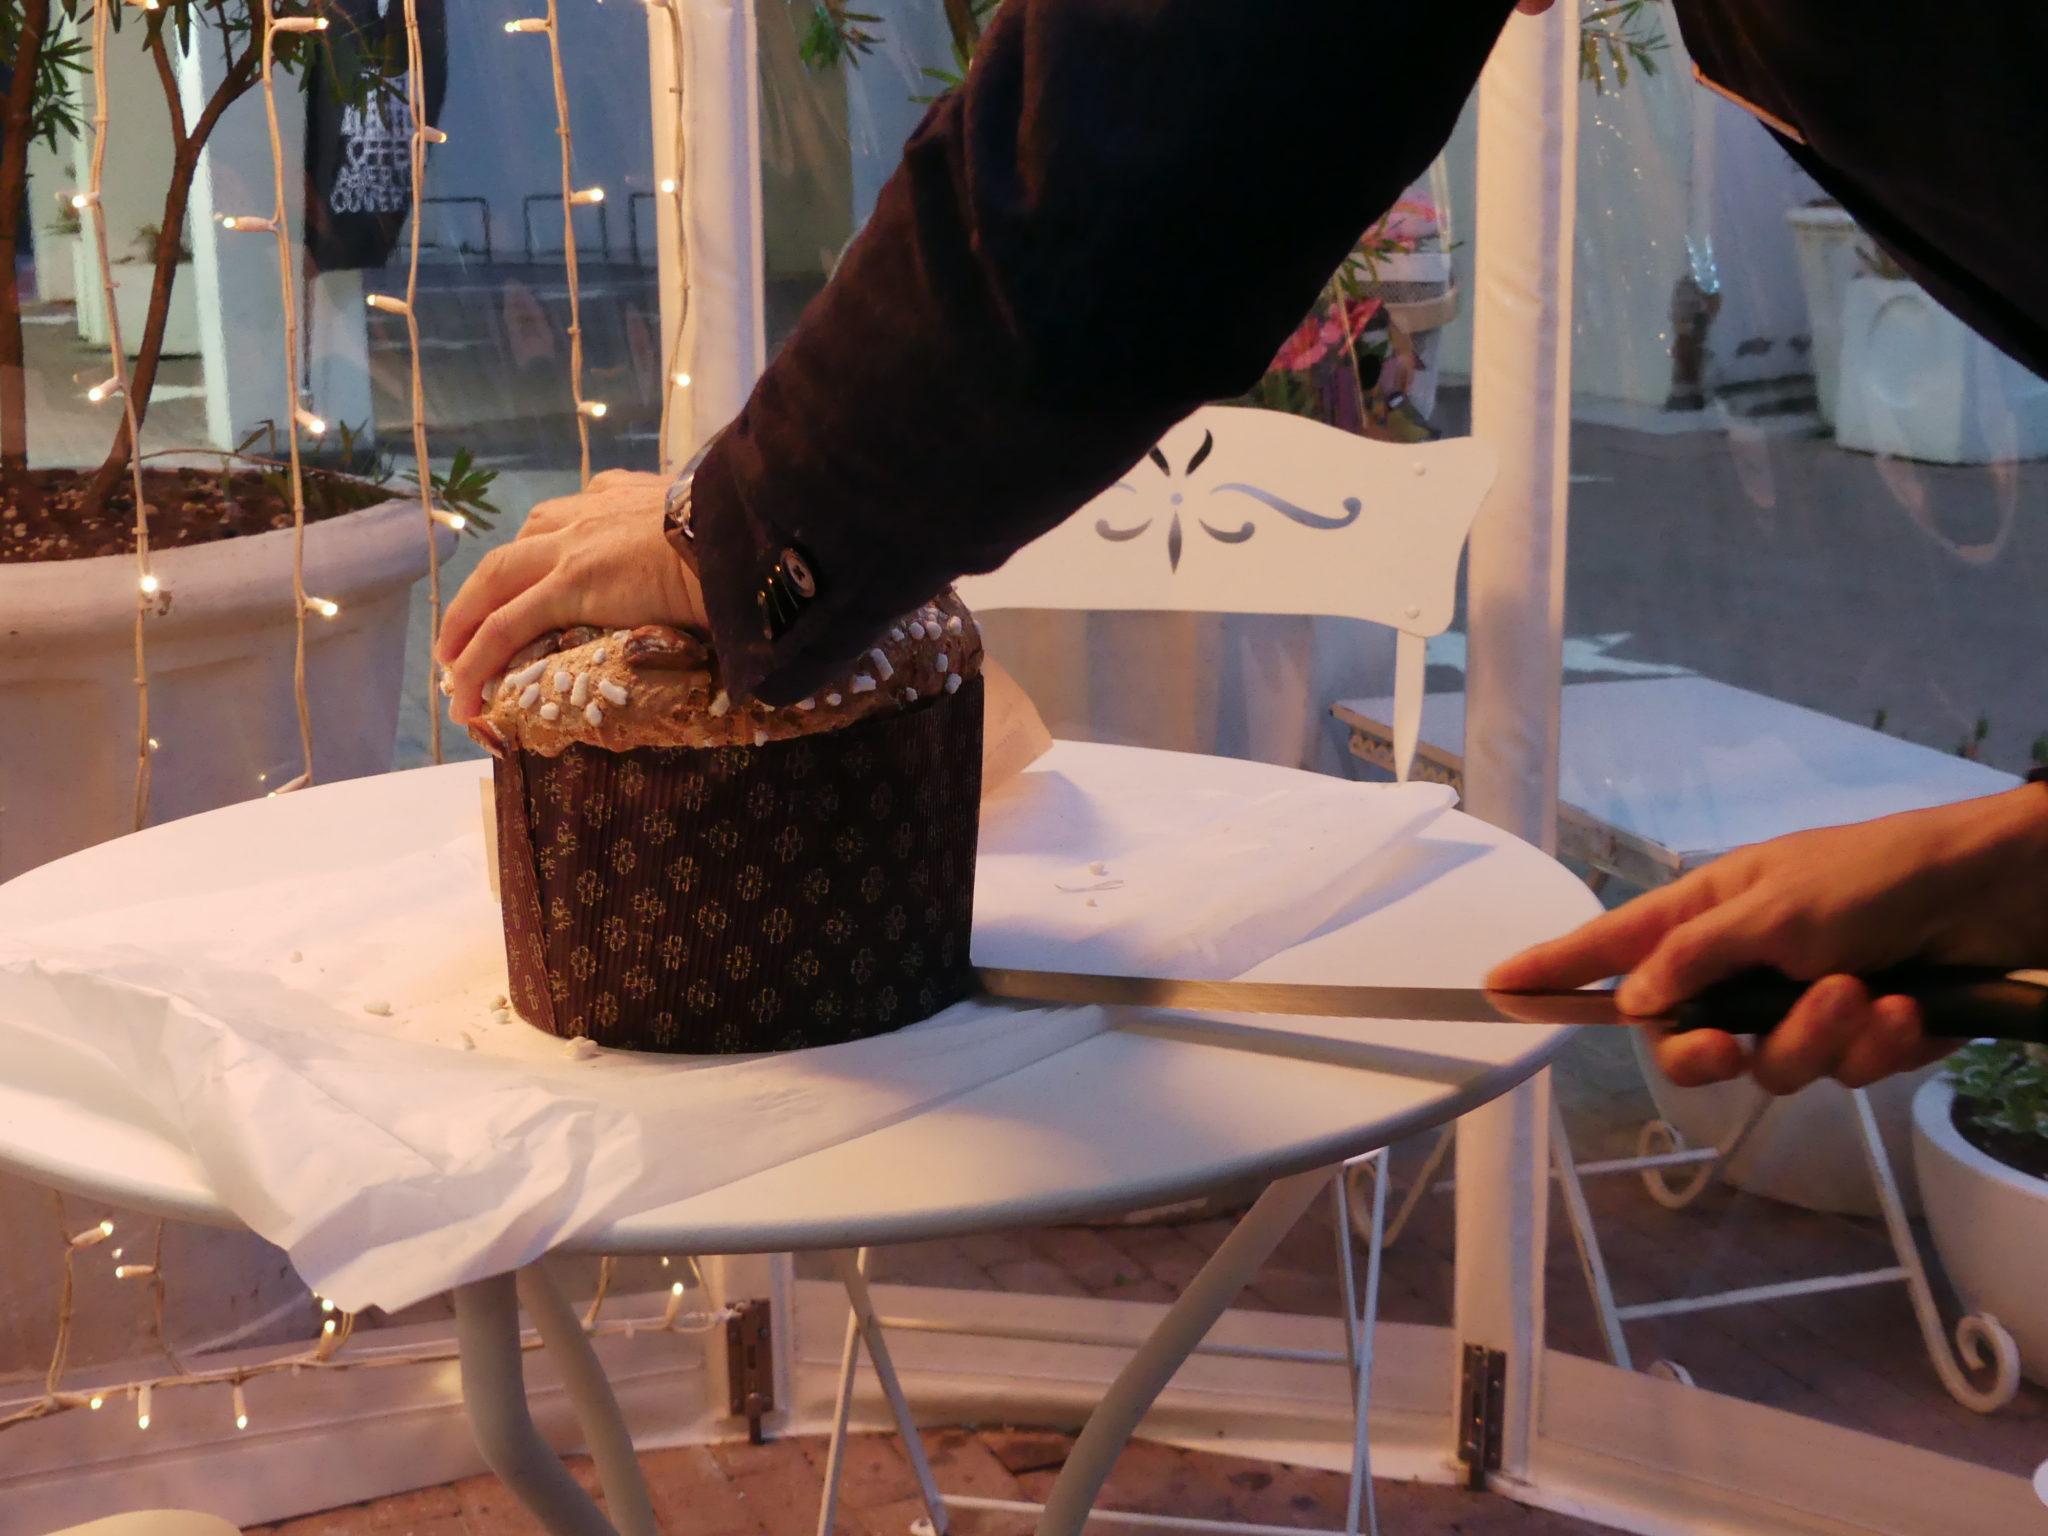 Luvirie, un luogo Amarcord di sapori tradizionali della Romagna e Sac à poche, un laboratorio di pasticceria. Per regali di Natale fatti con gusto